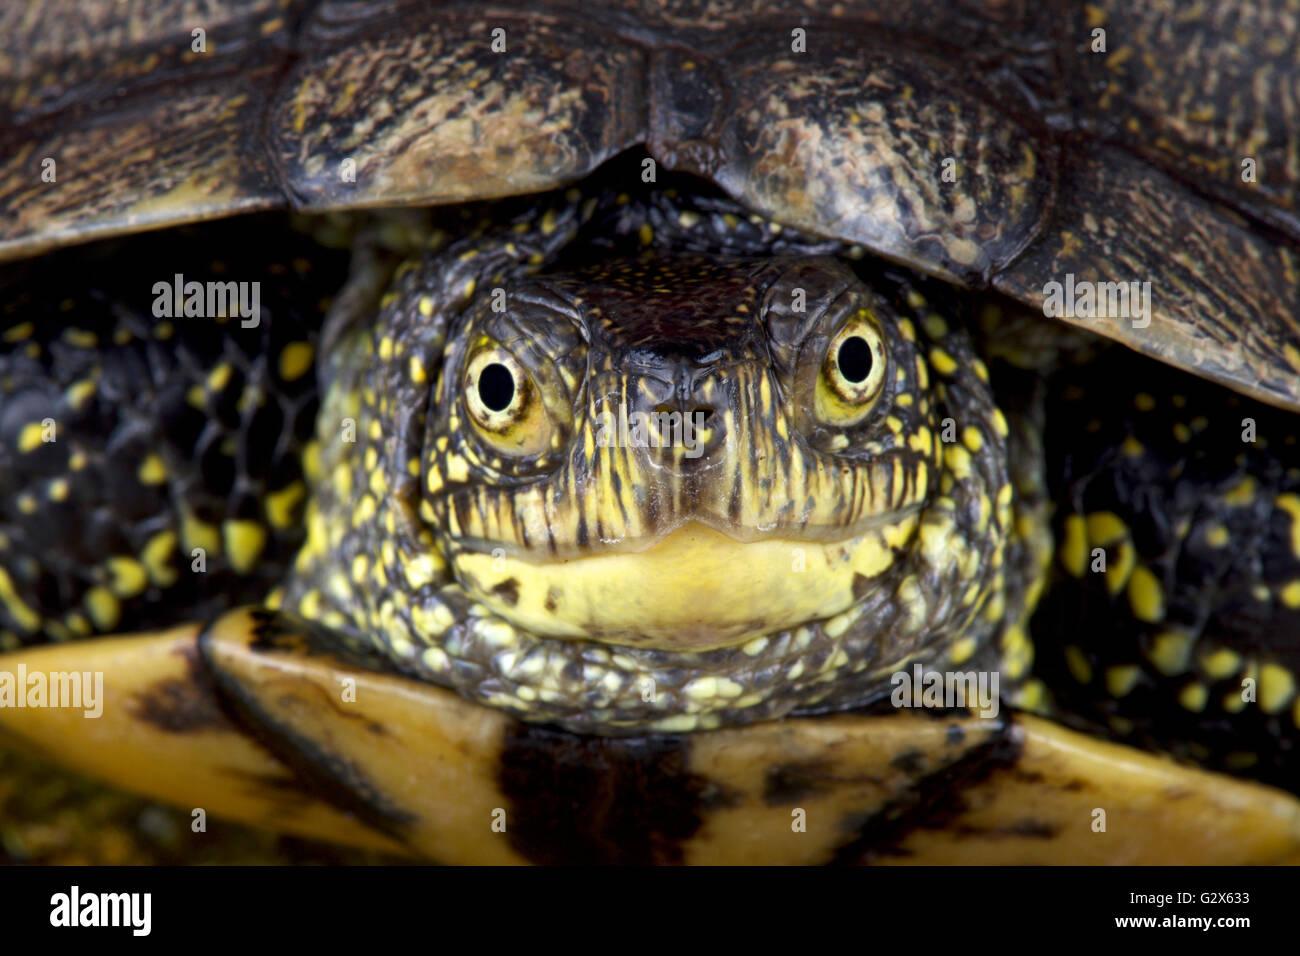 La tortuga de estanque europeo (Emys orbicularis) Imagen De Stock